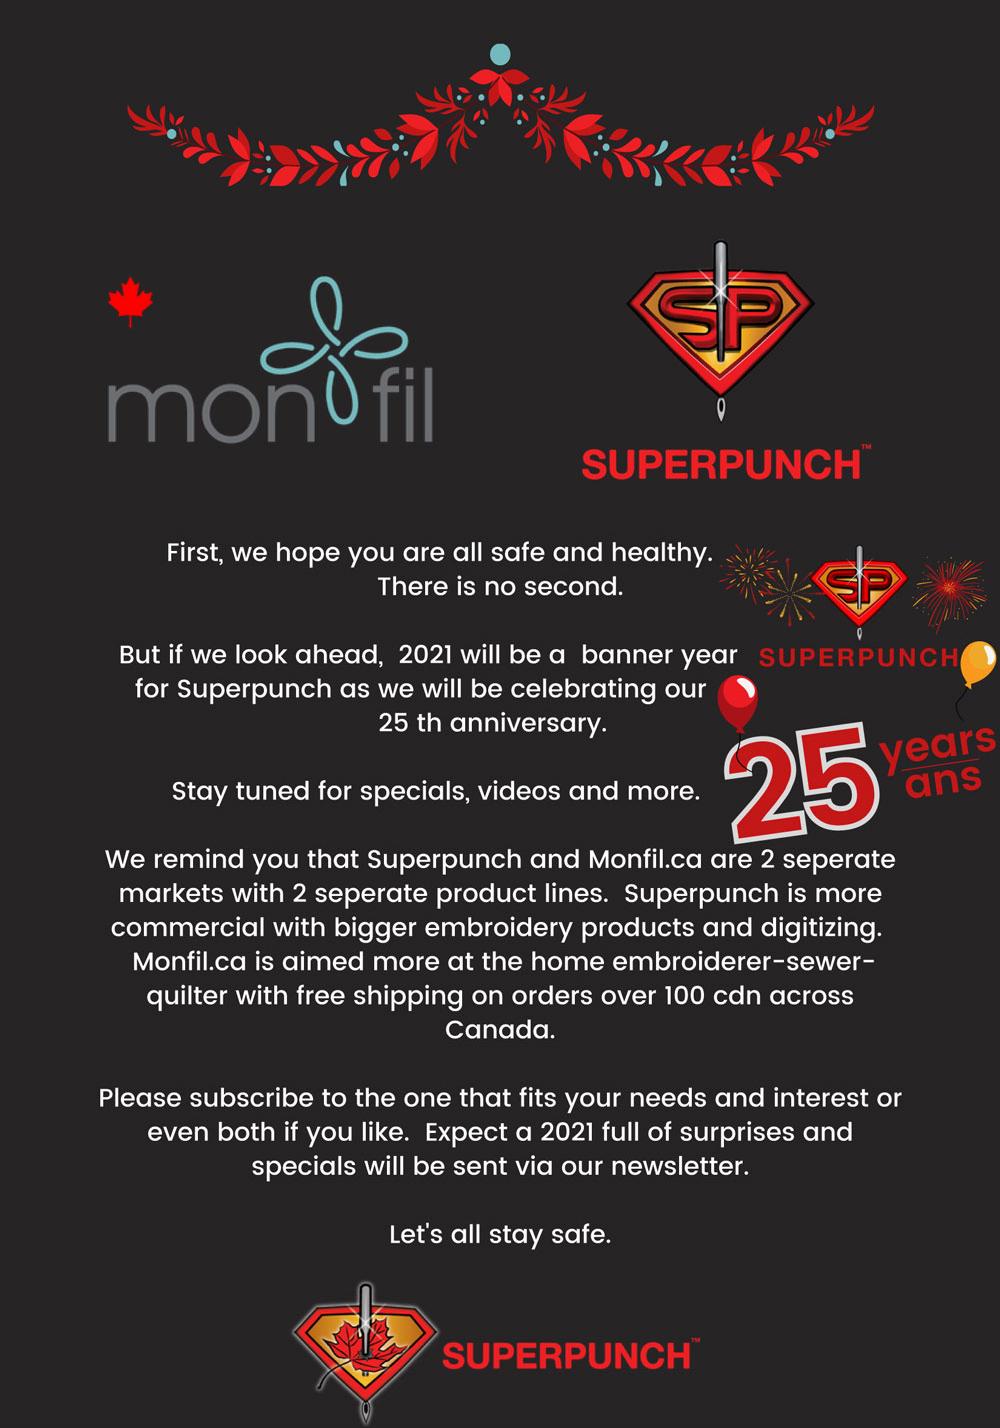 25 years of superpunch